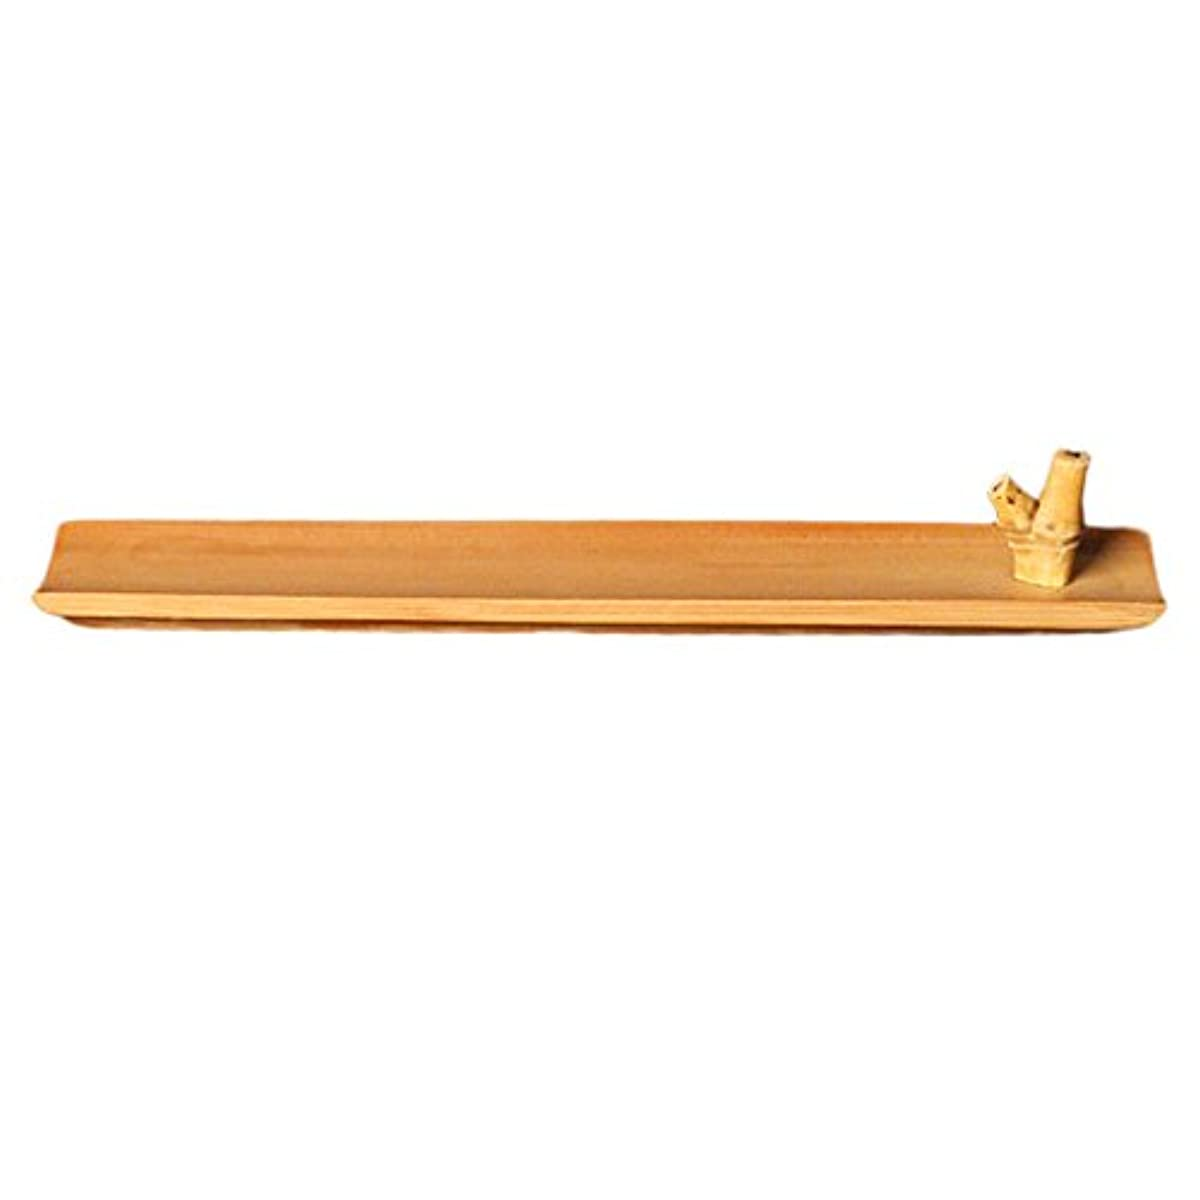 構築するコンペチーターFenteer 竹 お香立て スティック  香 ホルダー バーナースティック ブラウン 手作り 工芸品 24センチメートル